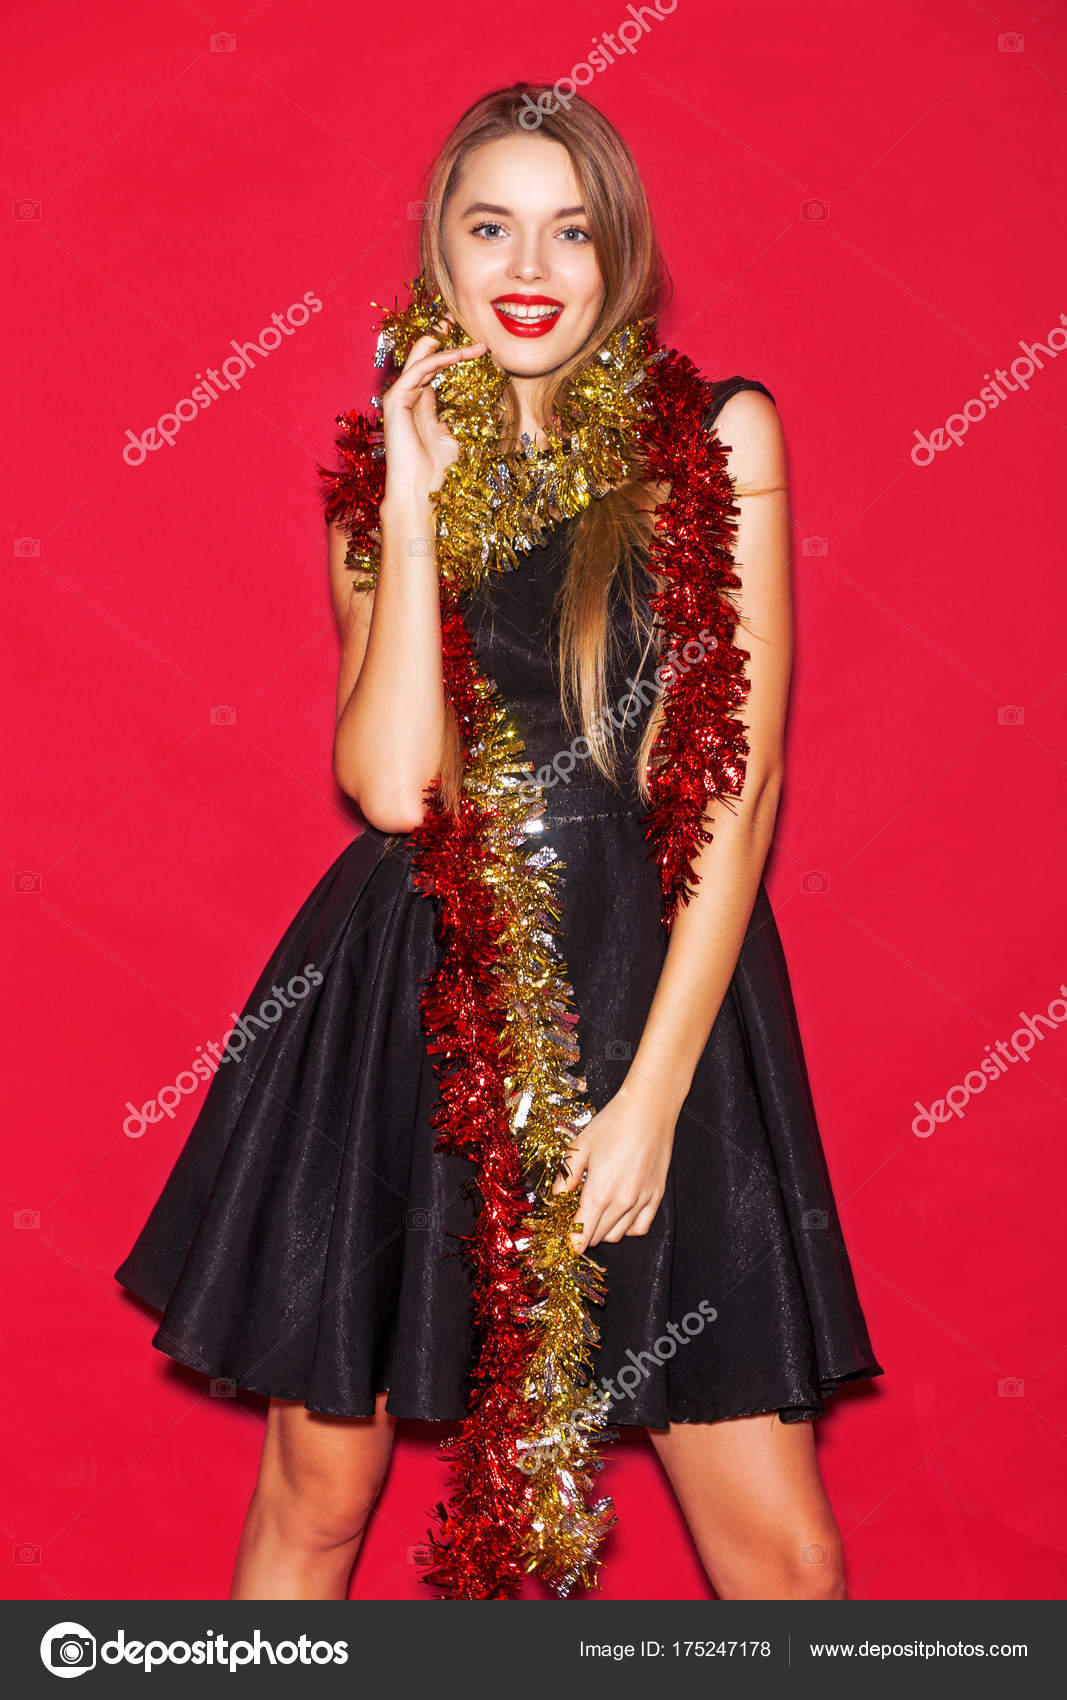 904d7ba3c226 Skönhet nya året mode modell flicka med långa raka blont hår i svart  cocktail klänning, vacker make up. Sexig blond ung kvinna porträtt.